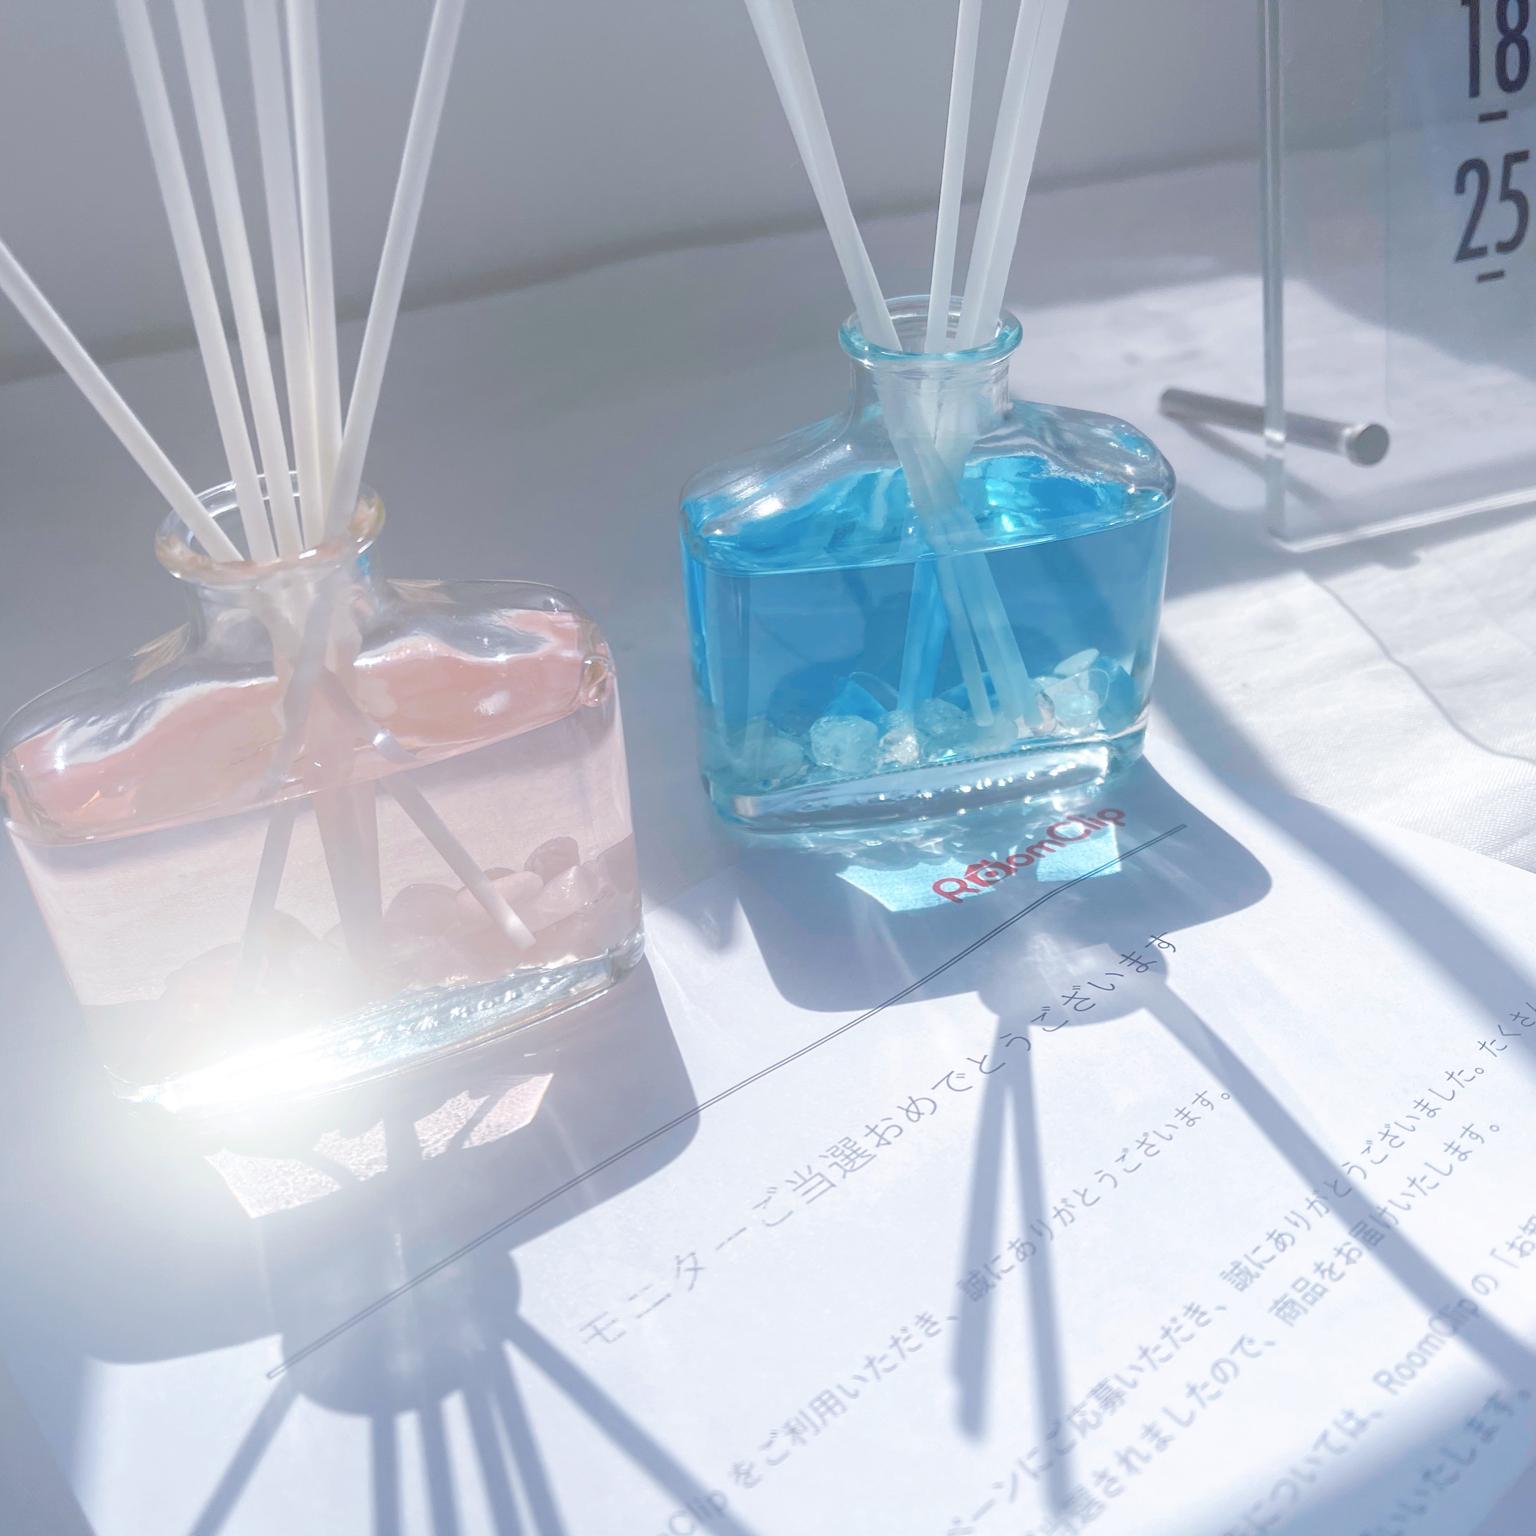 sawaday香るstick/スティック芳香剤/香りのある暮らし/Sawaday/ルームフレグランス...などのインテリア実例 - 2021-04-22 11:28:36